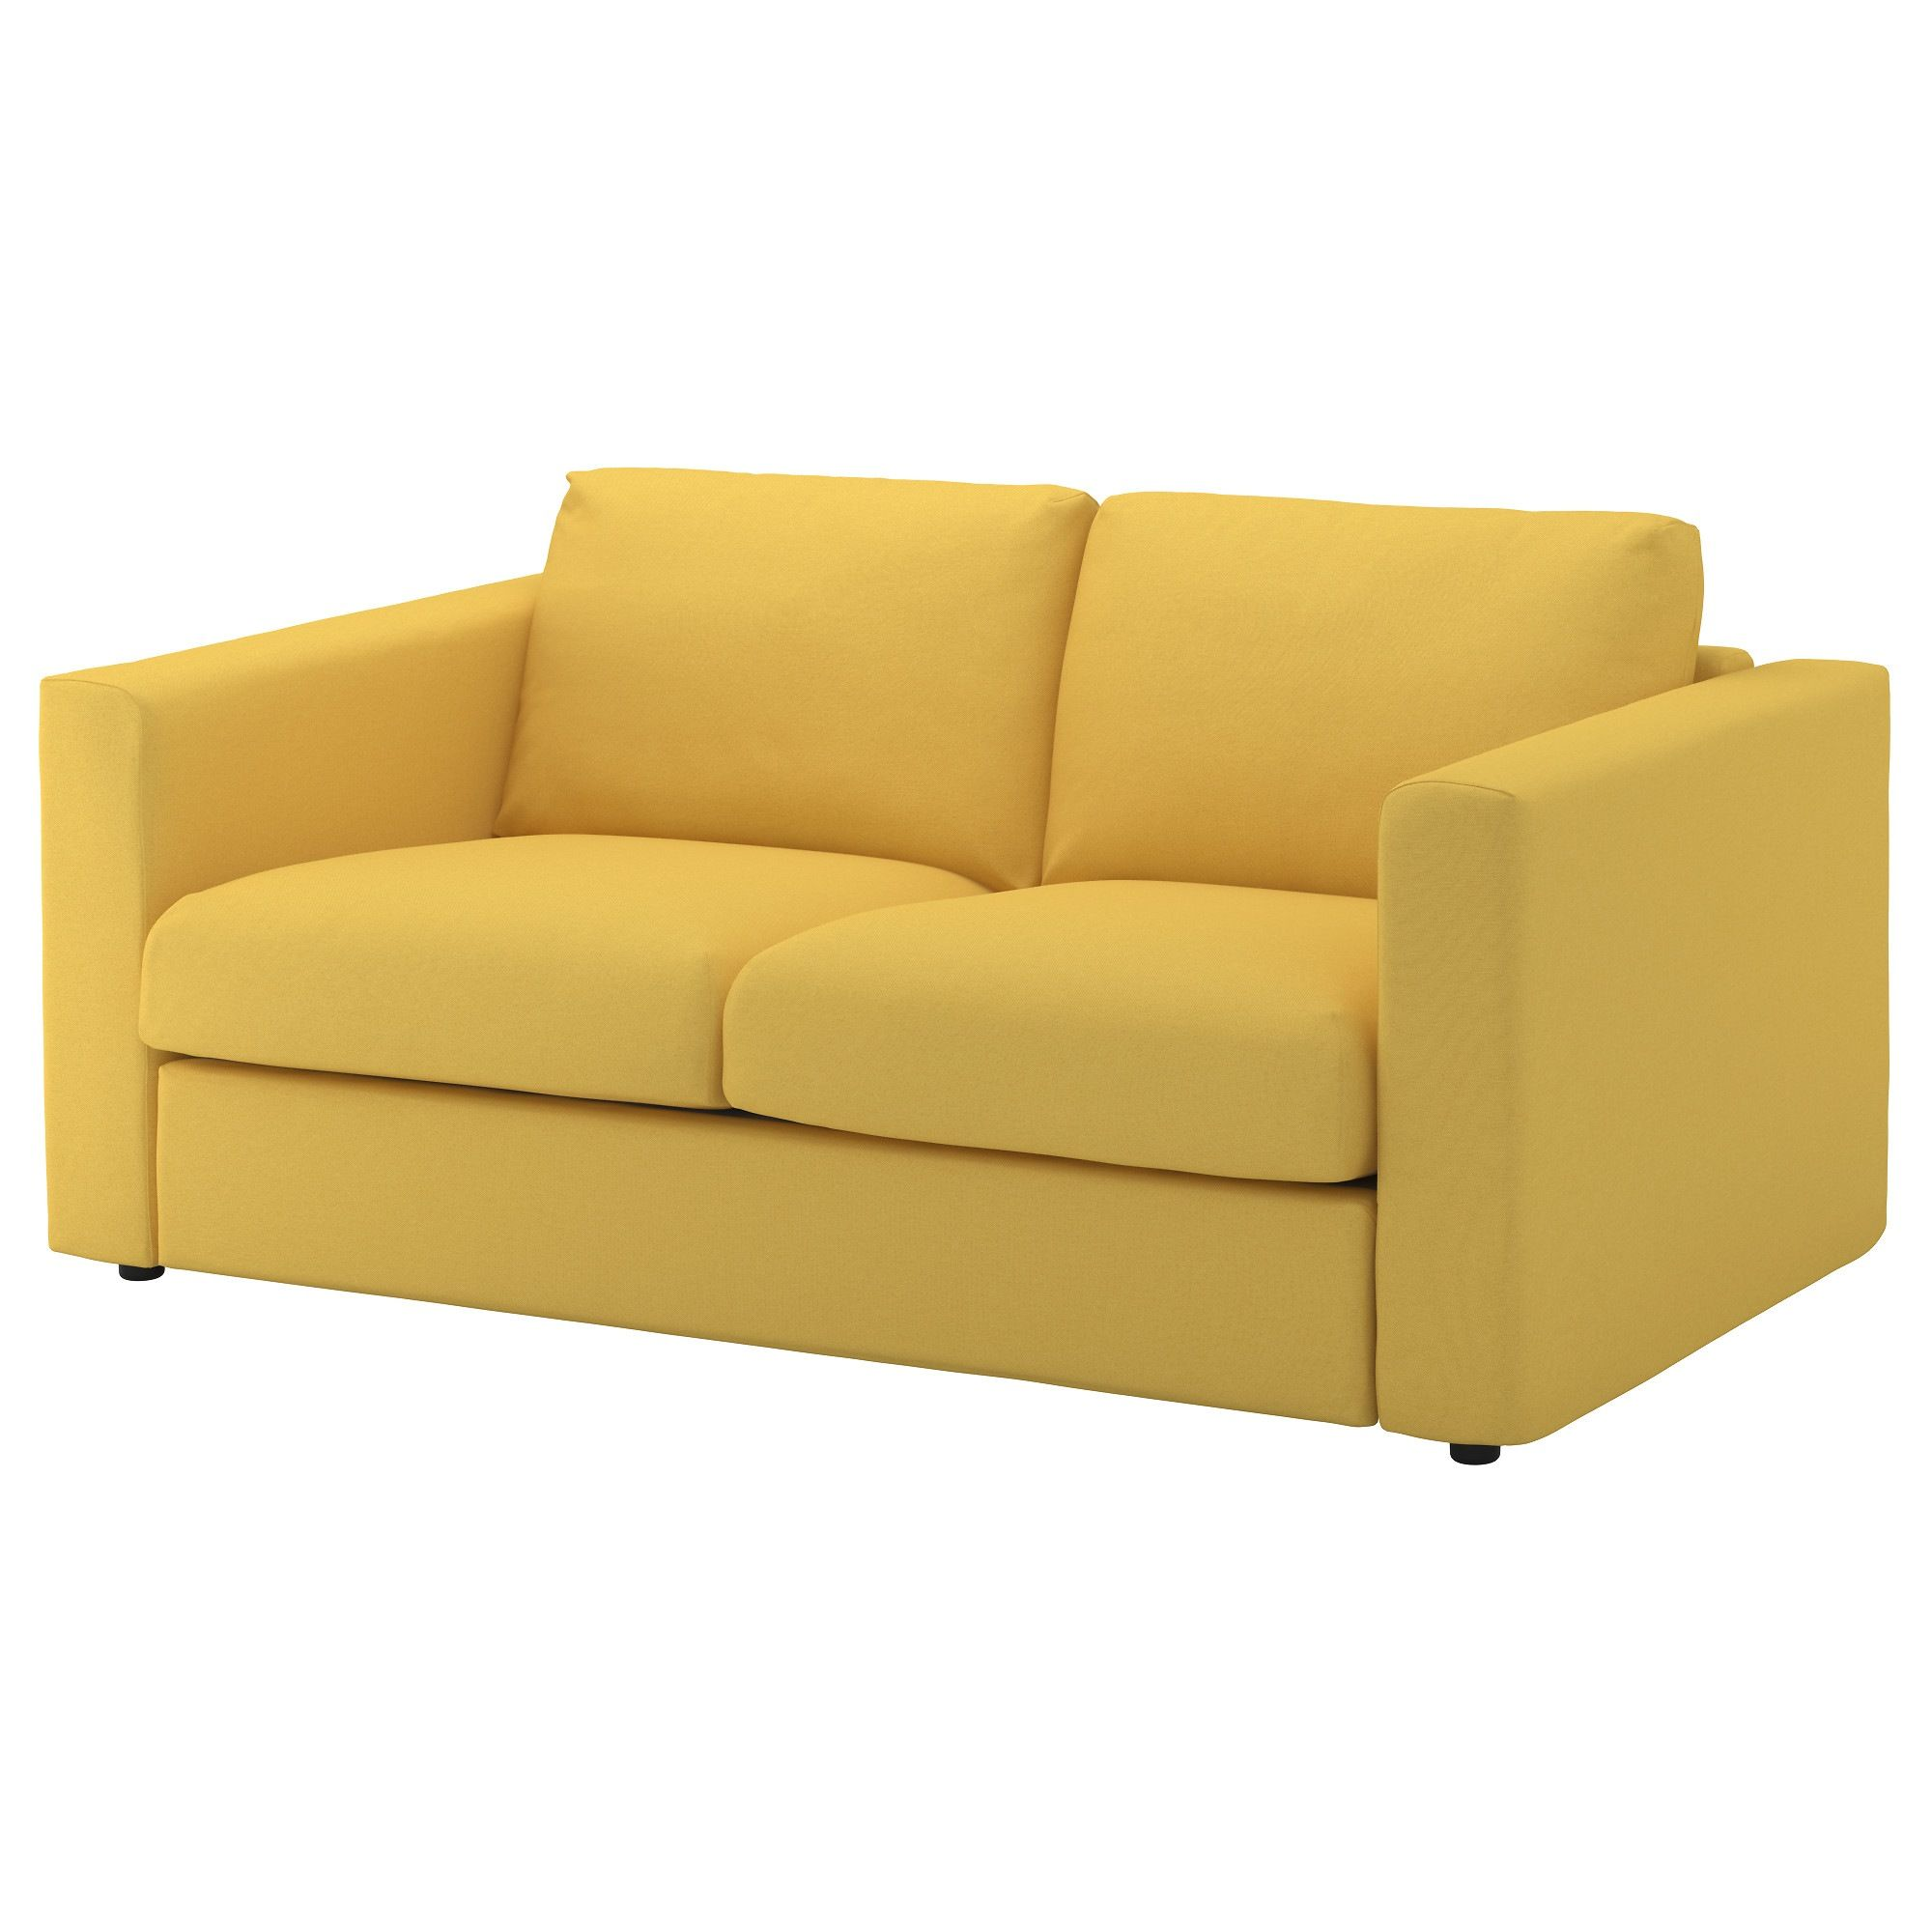 Divano Giallo Ikea